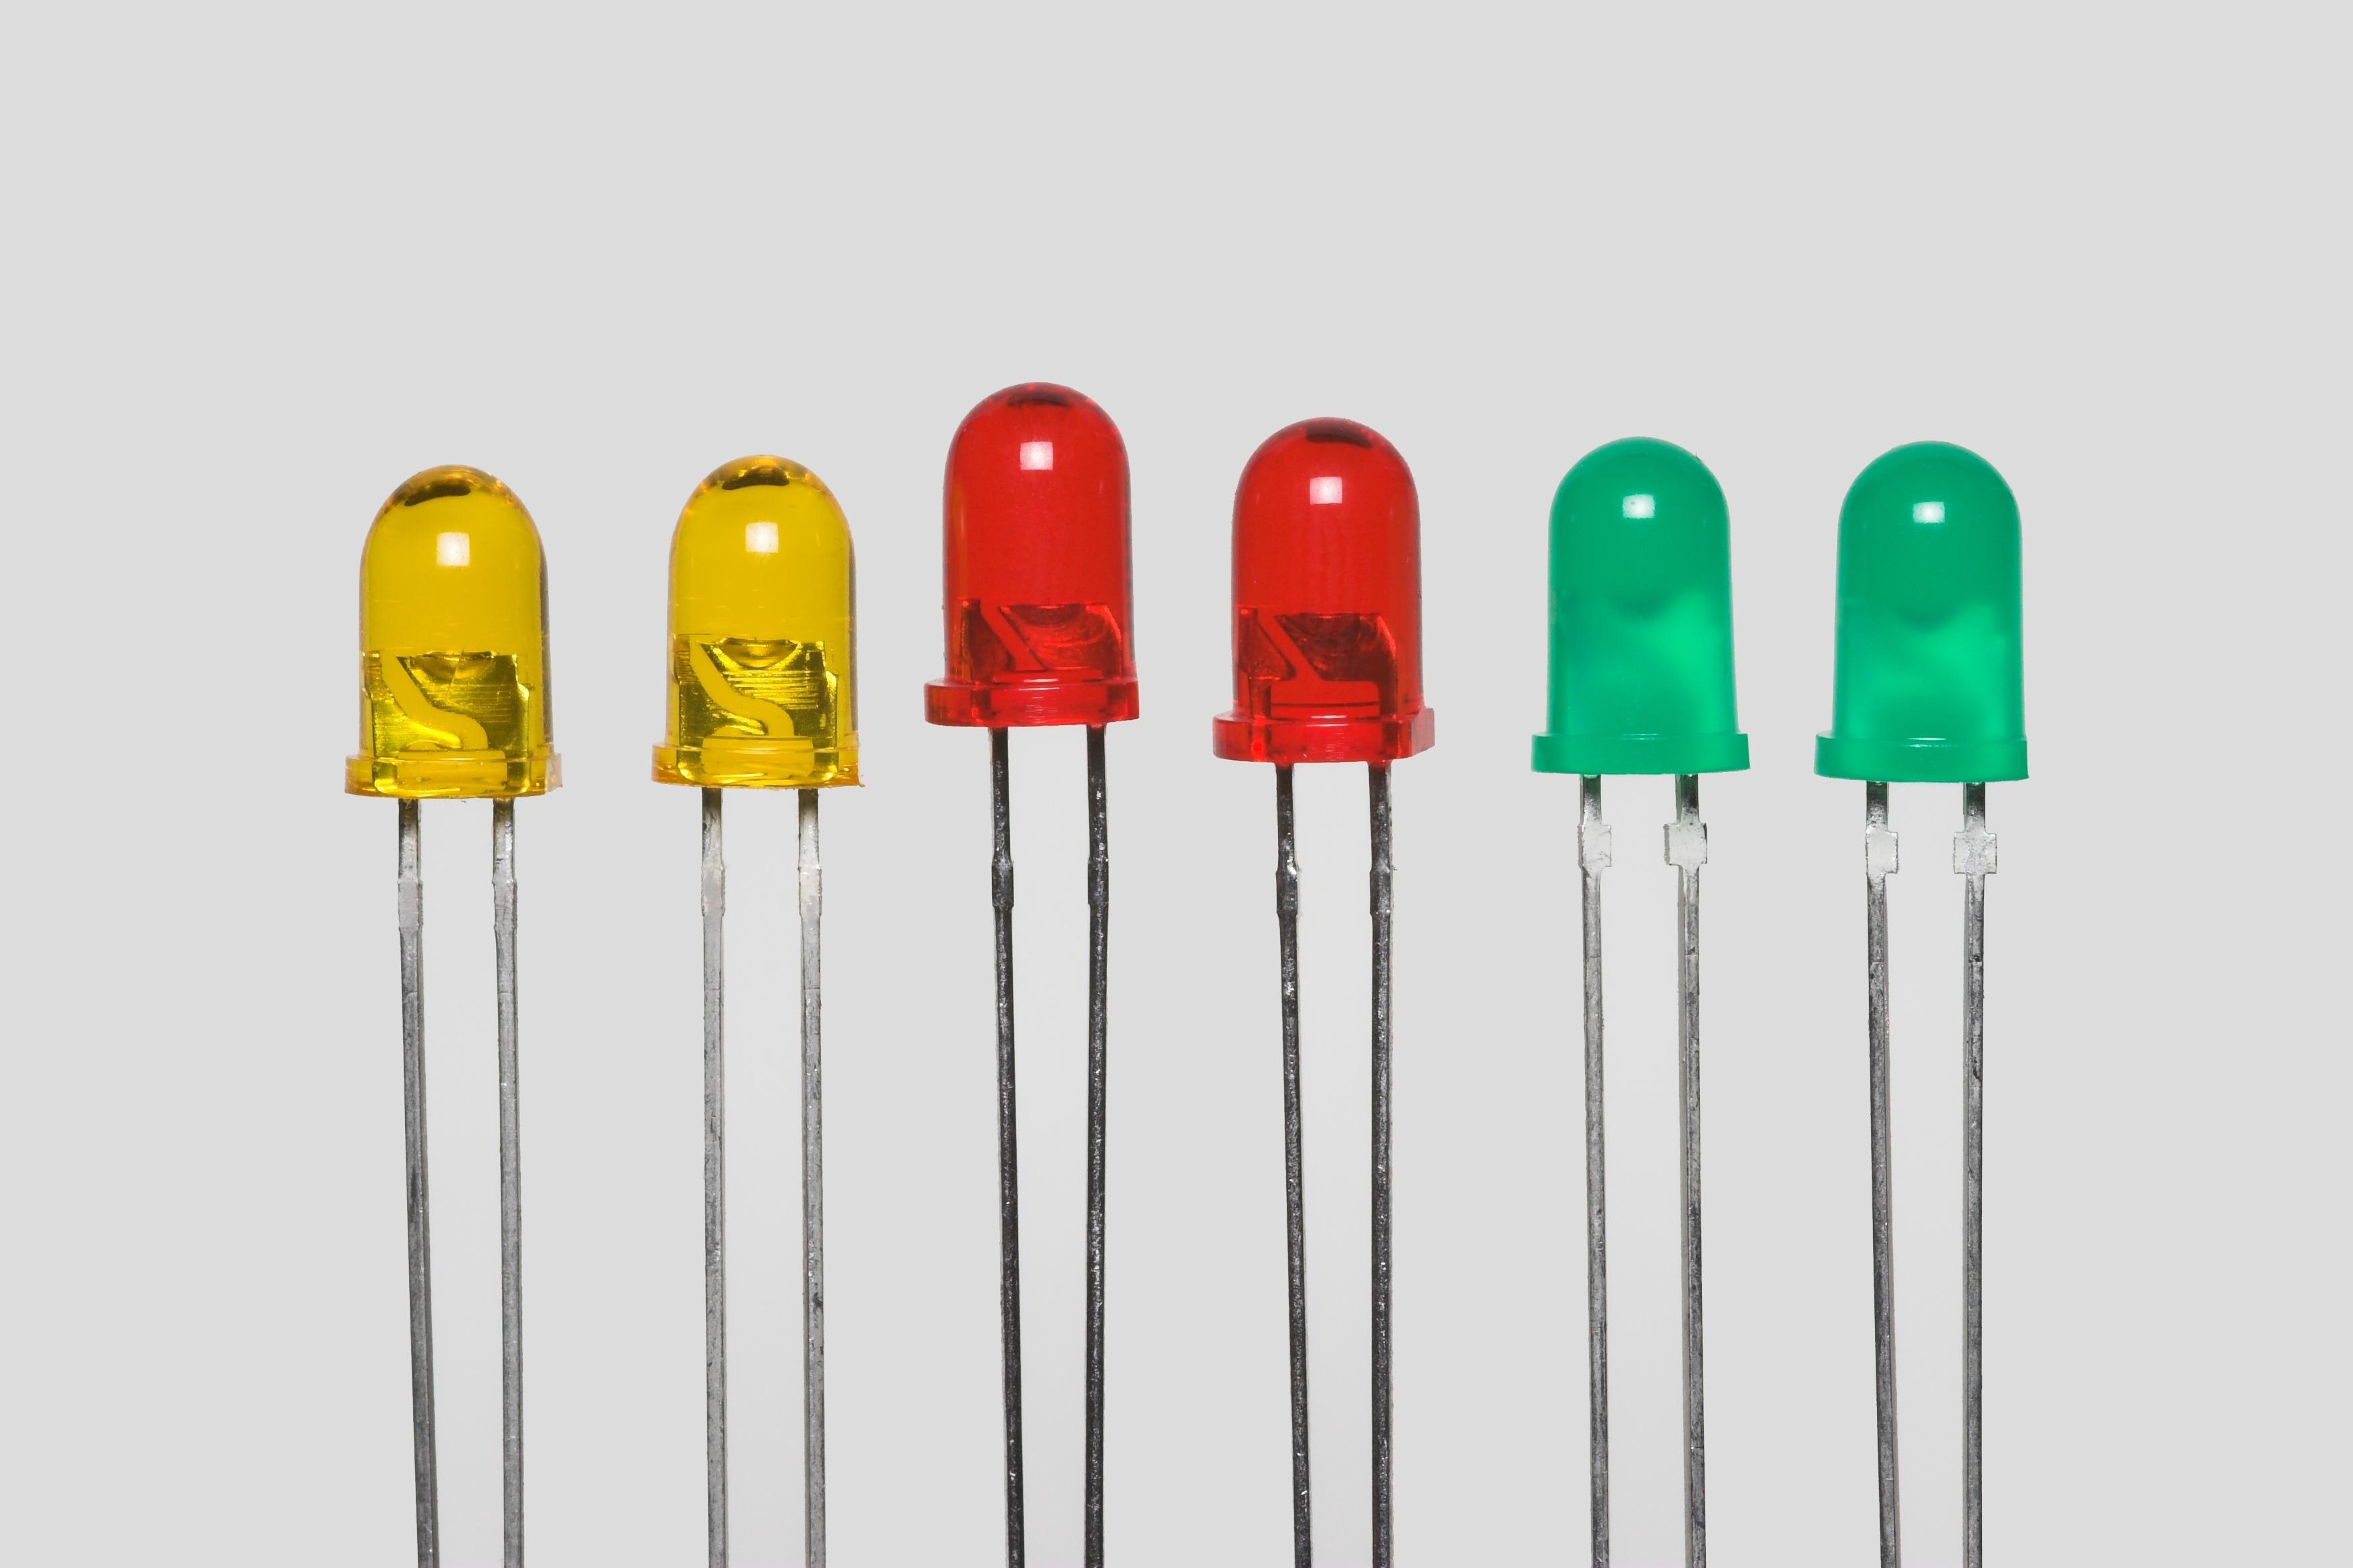 Distribuidors dels millors Leds al millor preu d Andorra Actualment els llums de LED es poden utilitzar per a qualsevol aplicació comercial, des de l'enllumenat decoratiu fins al de vials i jardins, presentant certs avantatges, entre els quals destaquen el seu considerable estalvi energètic, l'arrencada instantània, la resistència als encesos i apagats continus i la seva major vida útil